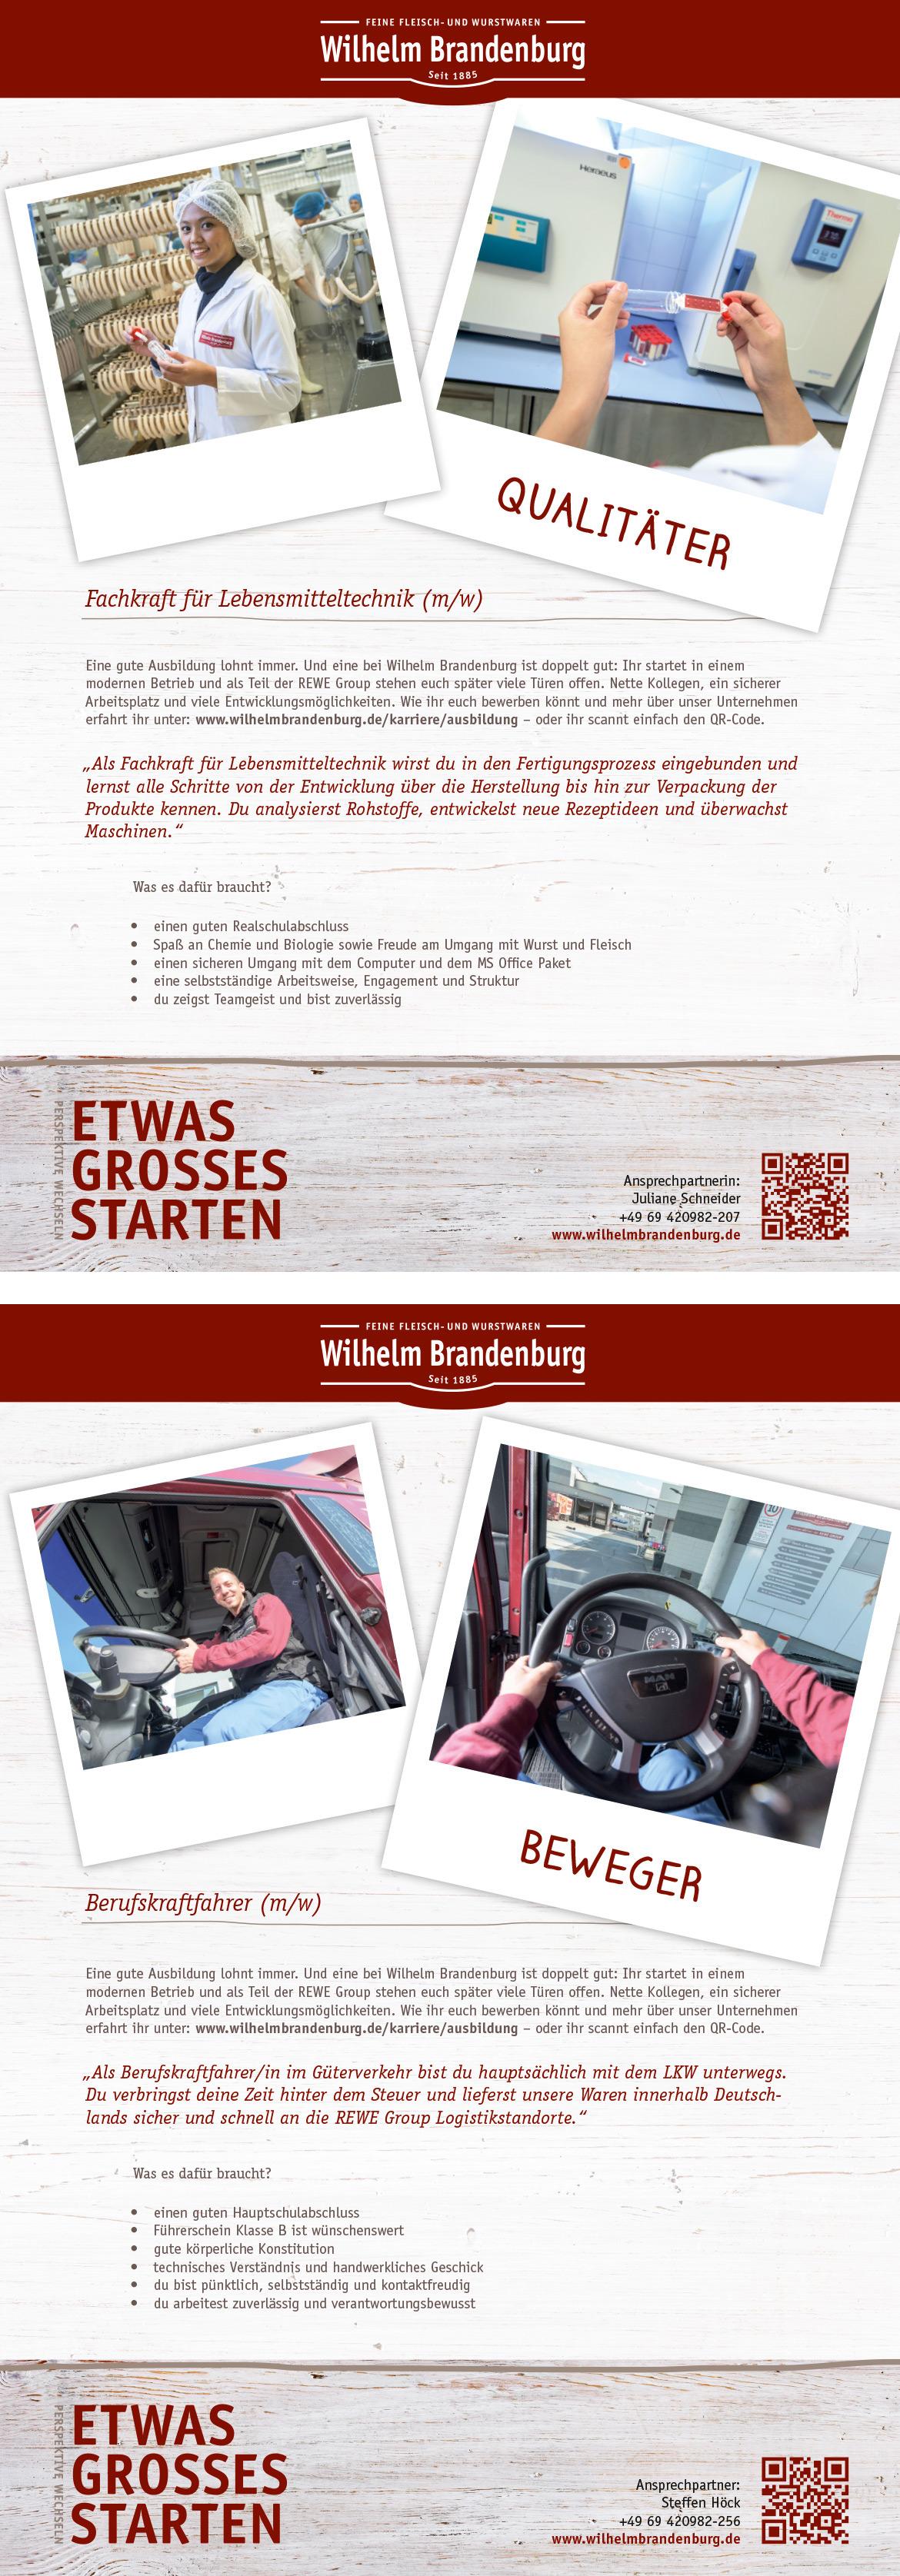 Ausbildungsplakat: Wilhelm Brandenburg GmbH & Co. oHG